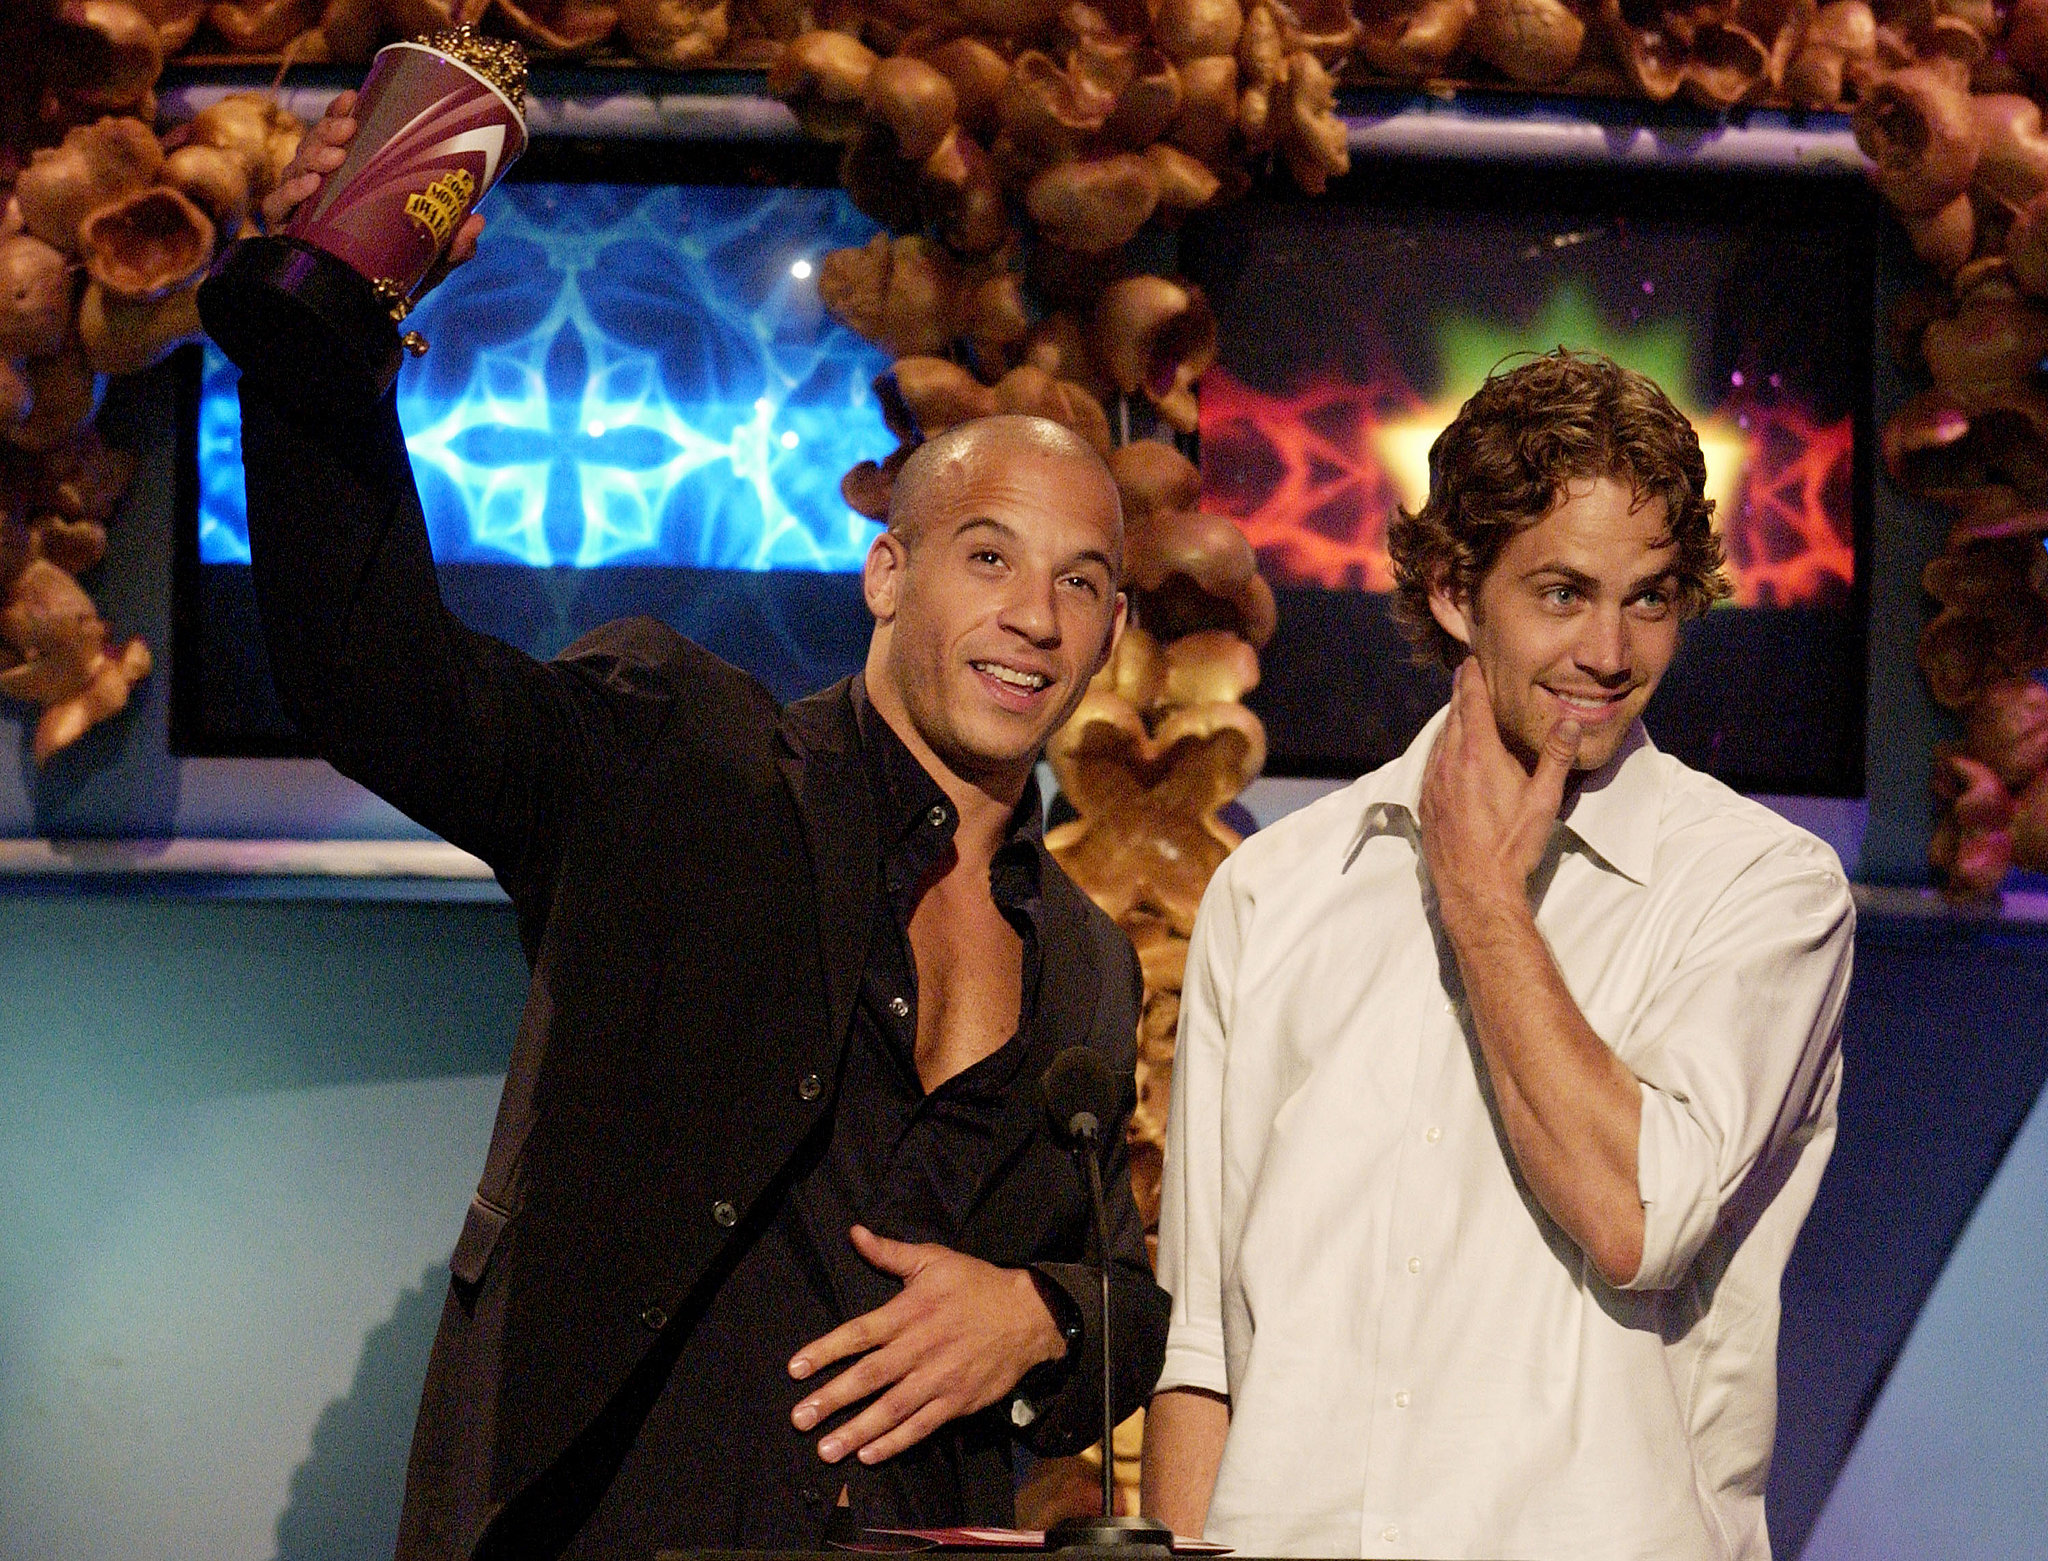 Paul-Walker-Vin-Diesel-accepted-statue-together-MTV.jpg